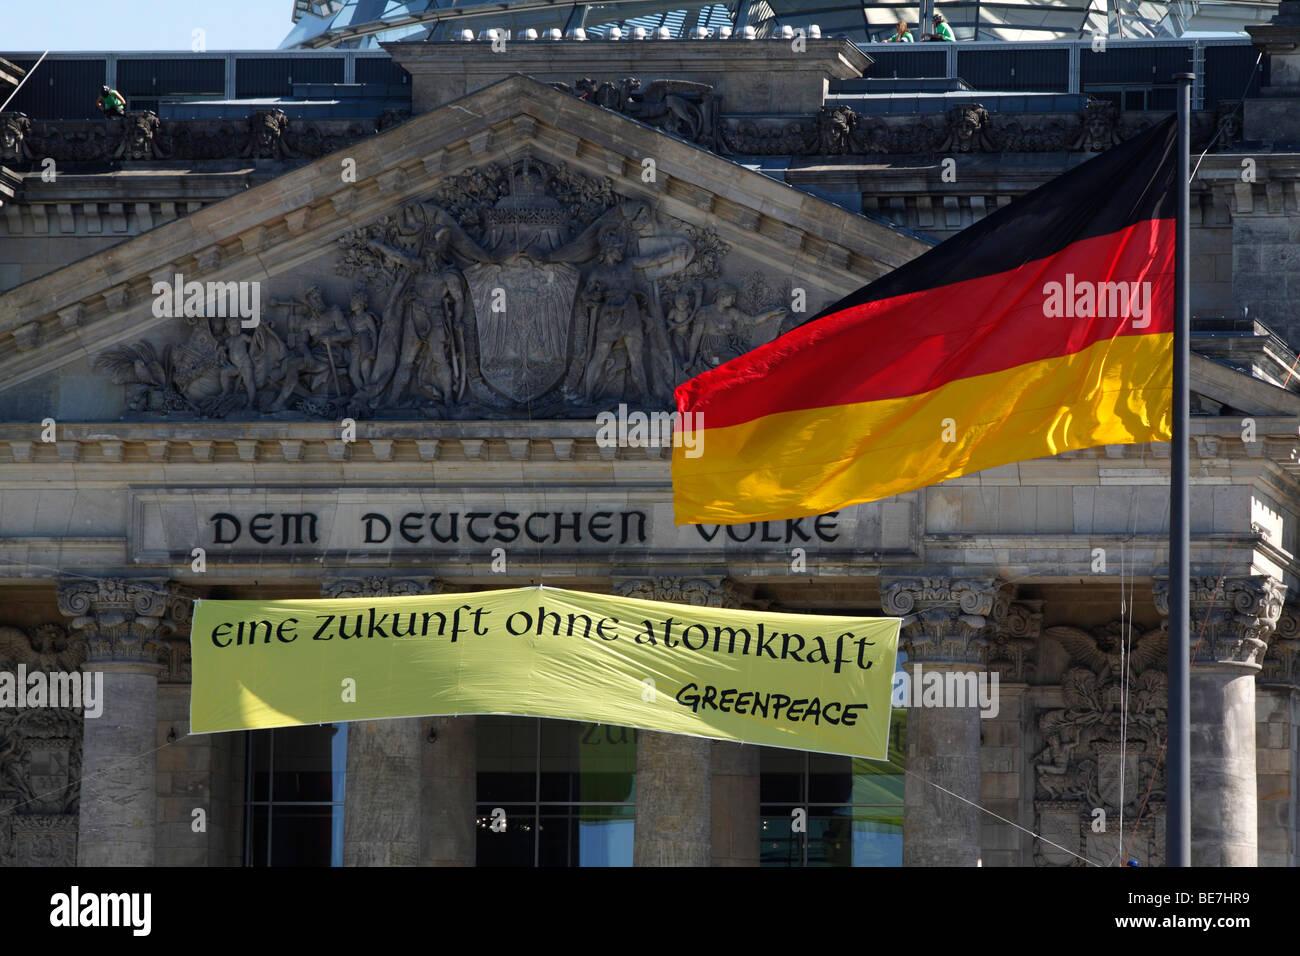 Reichstag building. The dedication ' Dem Deutschen Volke '.( For the German people ), protest sign eine - Stock Image